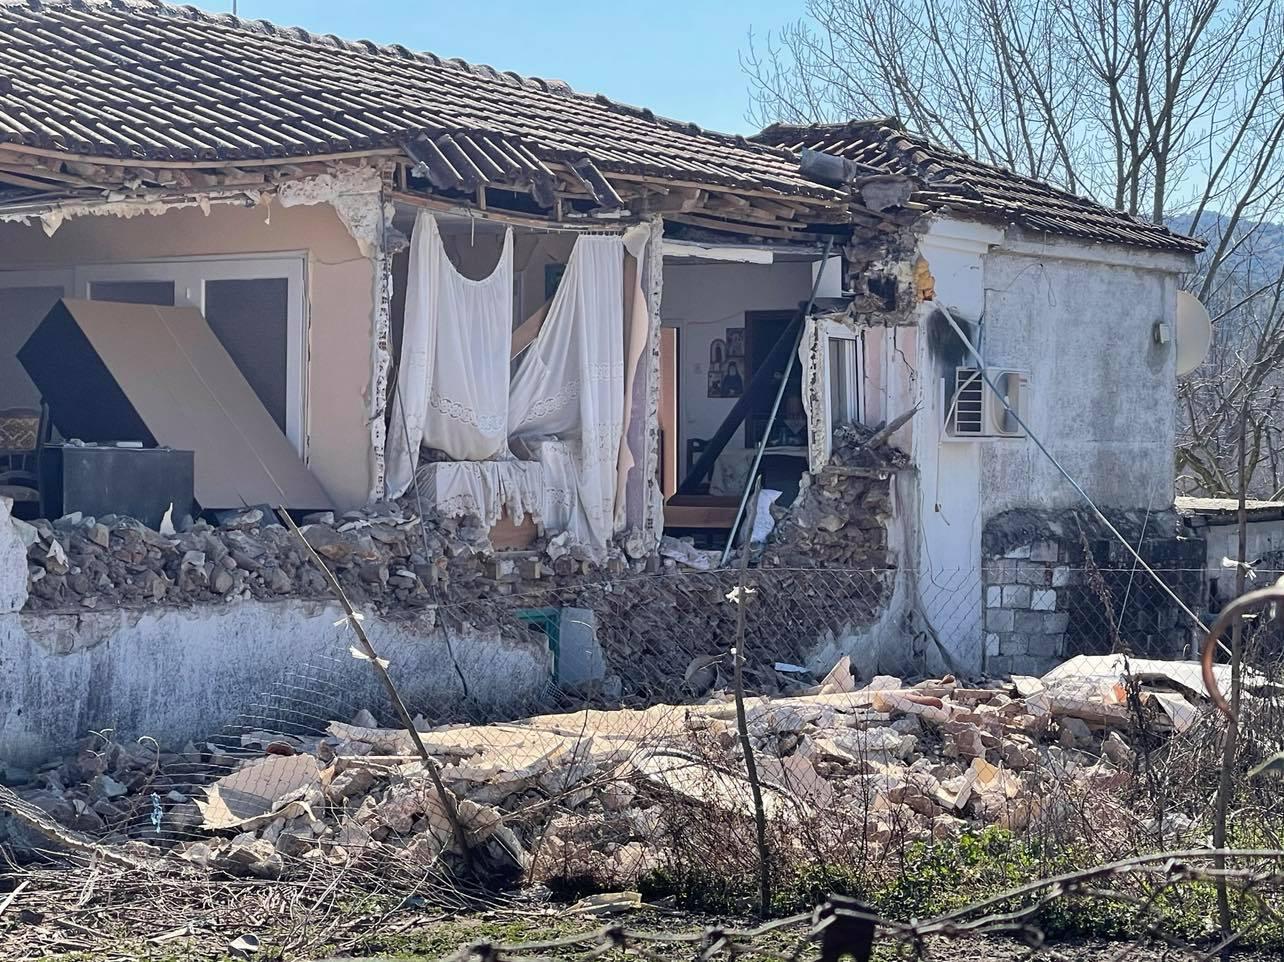 Σεισμός στην Ελασσόνα: Νεκρός 83χρονος που έδινε μάχη στο νοσοκομείο